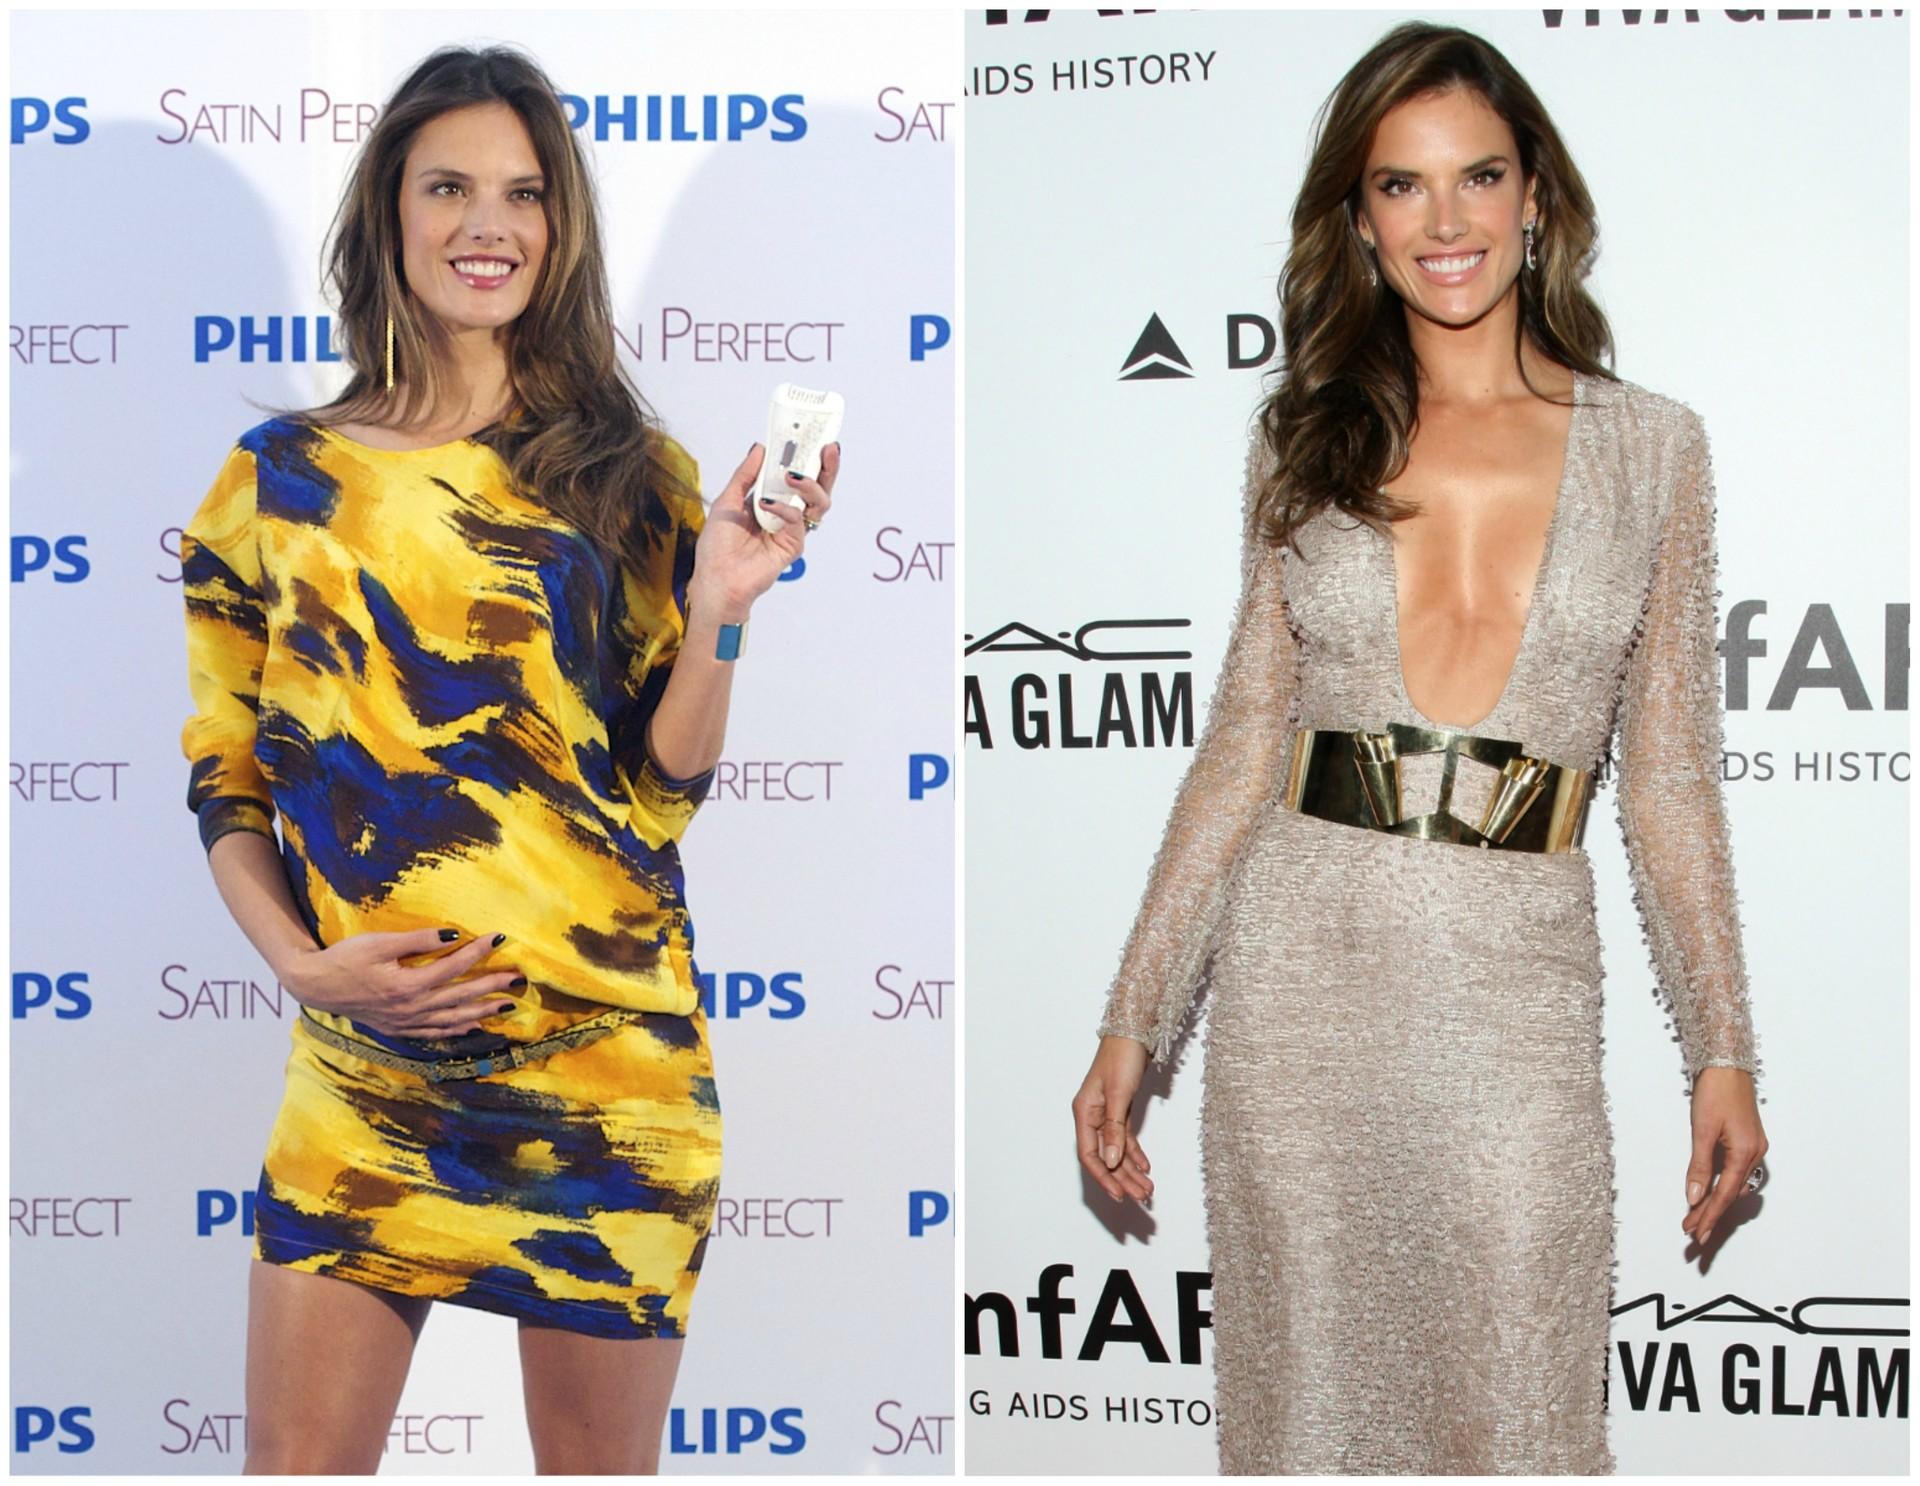 Alessandra Ambrósio em março de 2012 (à esq.) e em dezembro de 2013. A top model brasileira deu à luz o seu primeiro menino, Noah Phoenix, em 7 de maio de 2012. (Foto: Getty Images)